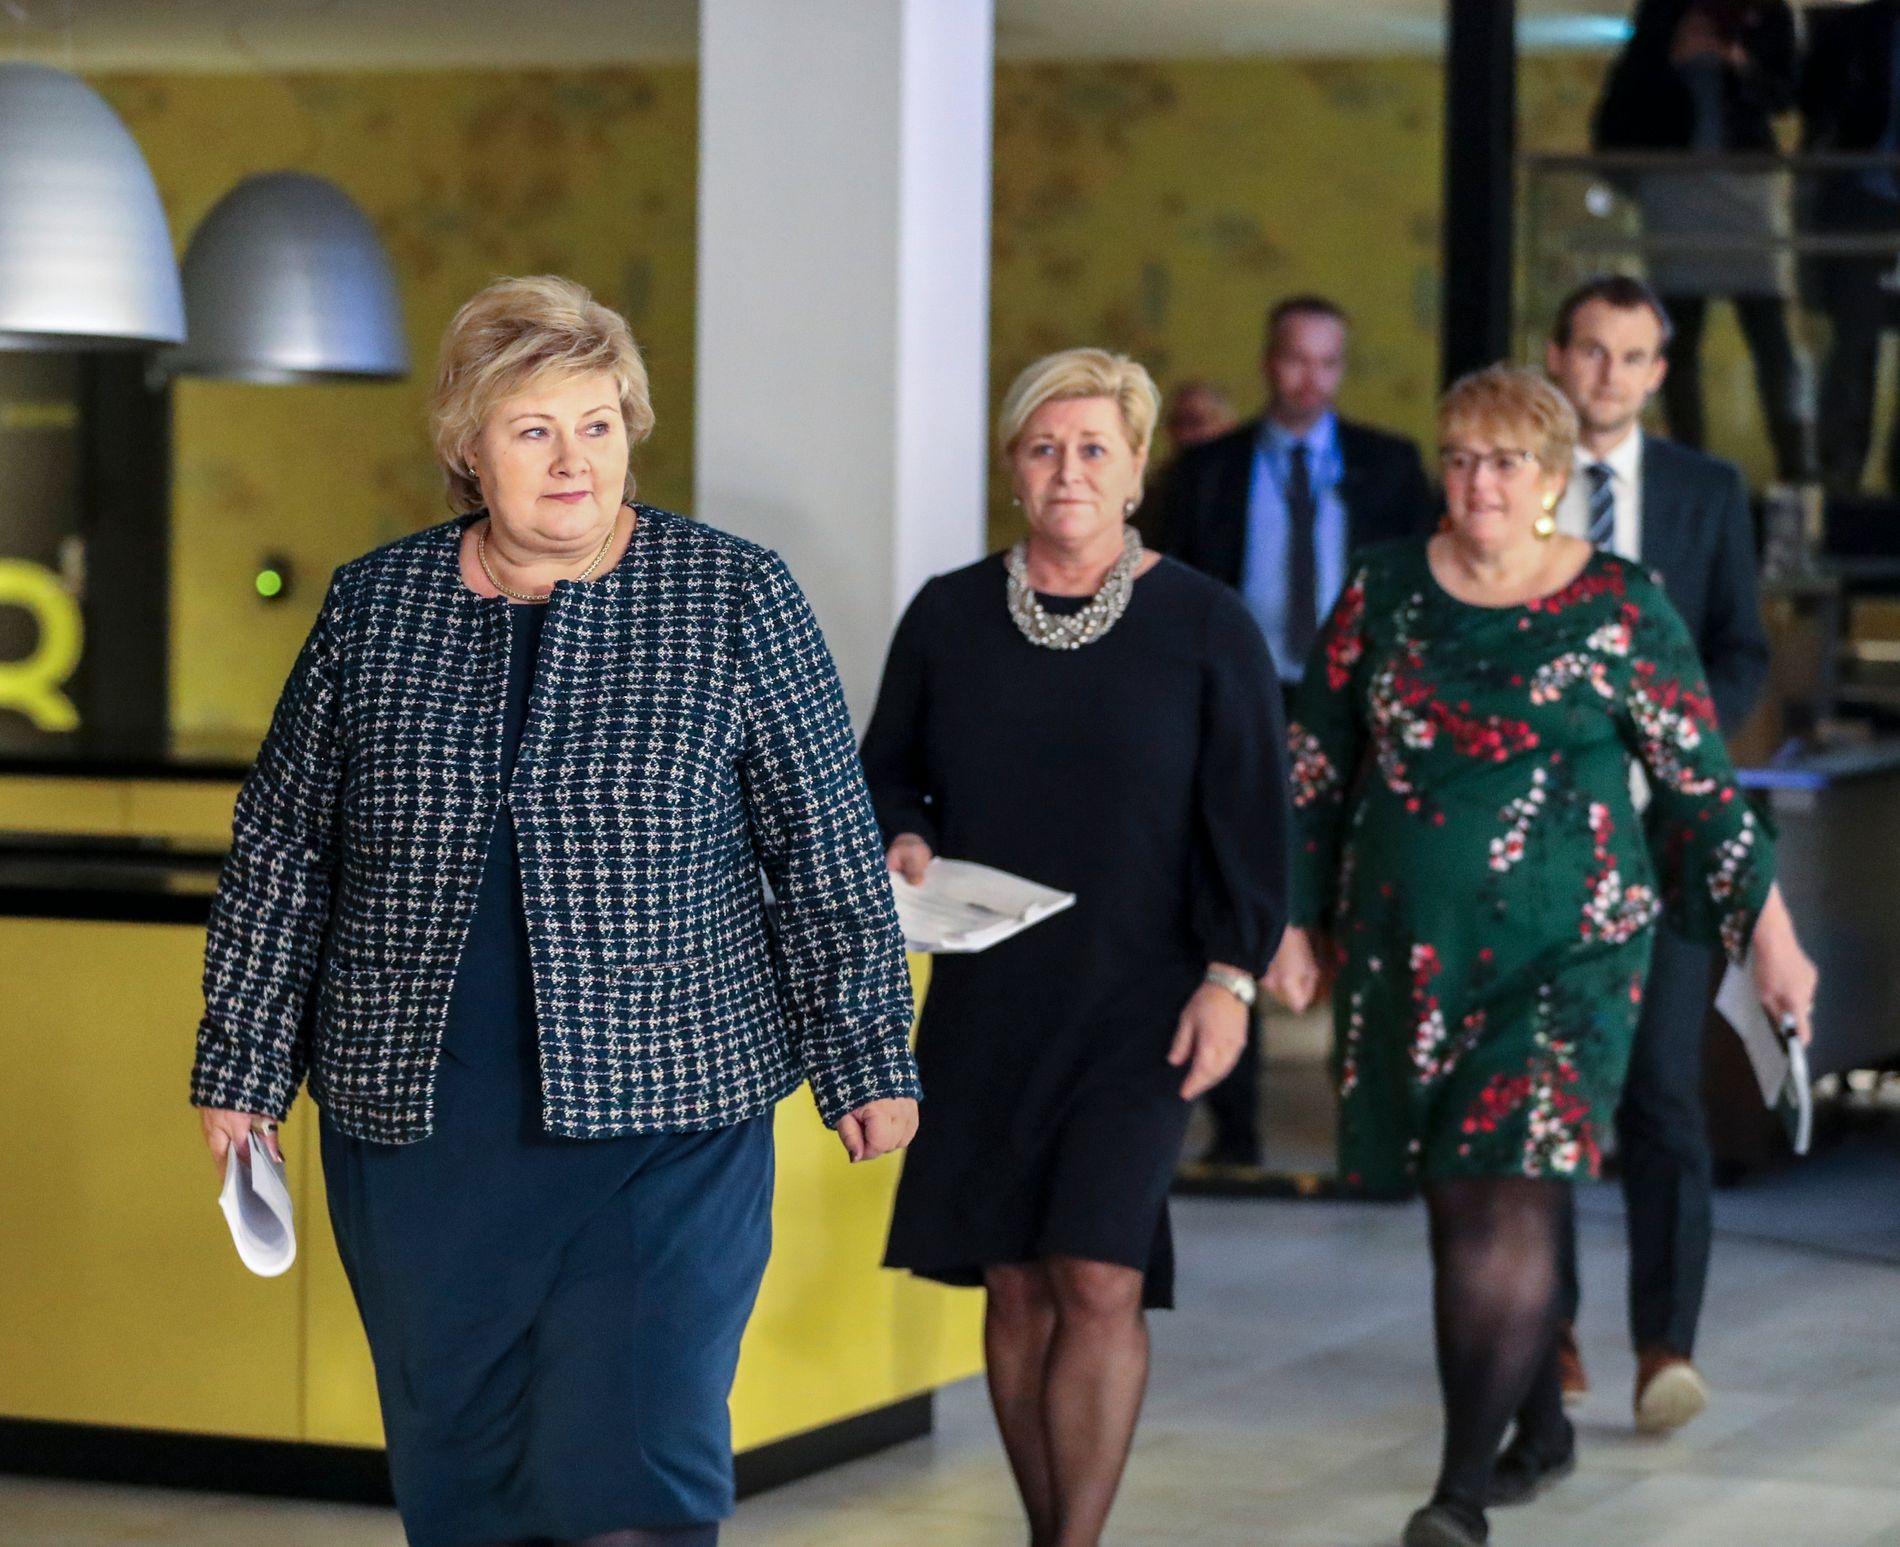 FLERTALL: Frp, Høyre, Venstre og KrF har alle stemt for en borgerlig firepartiregjering